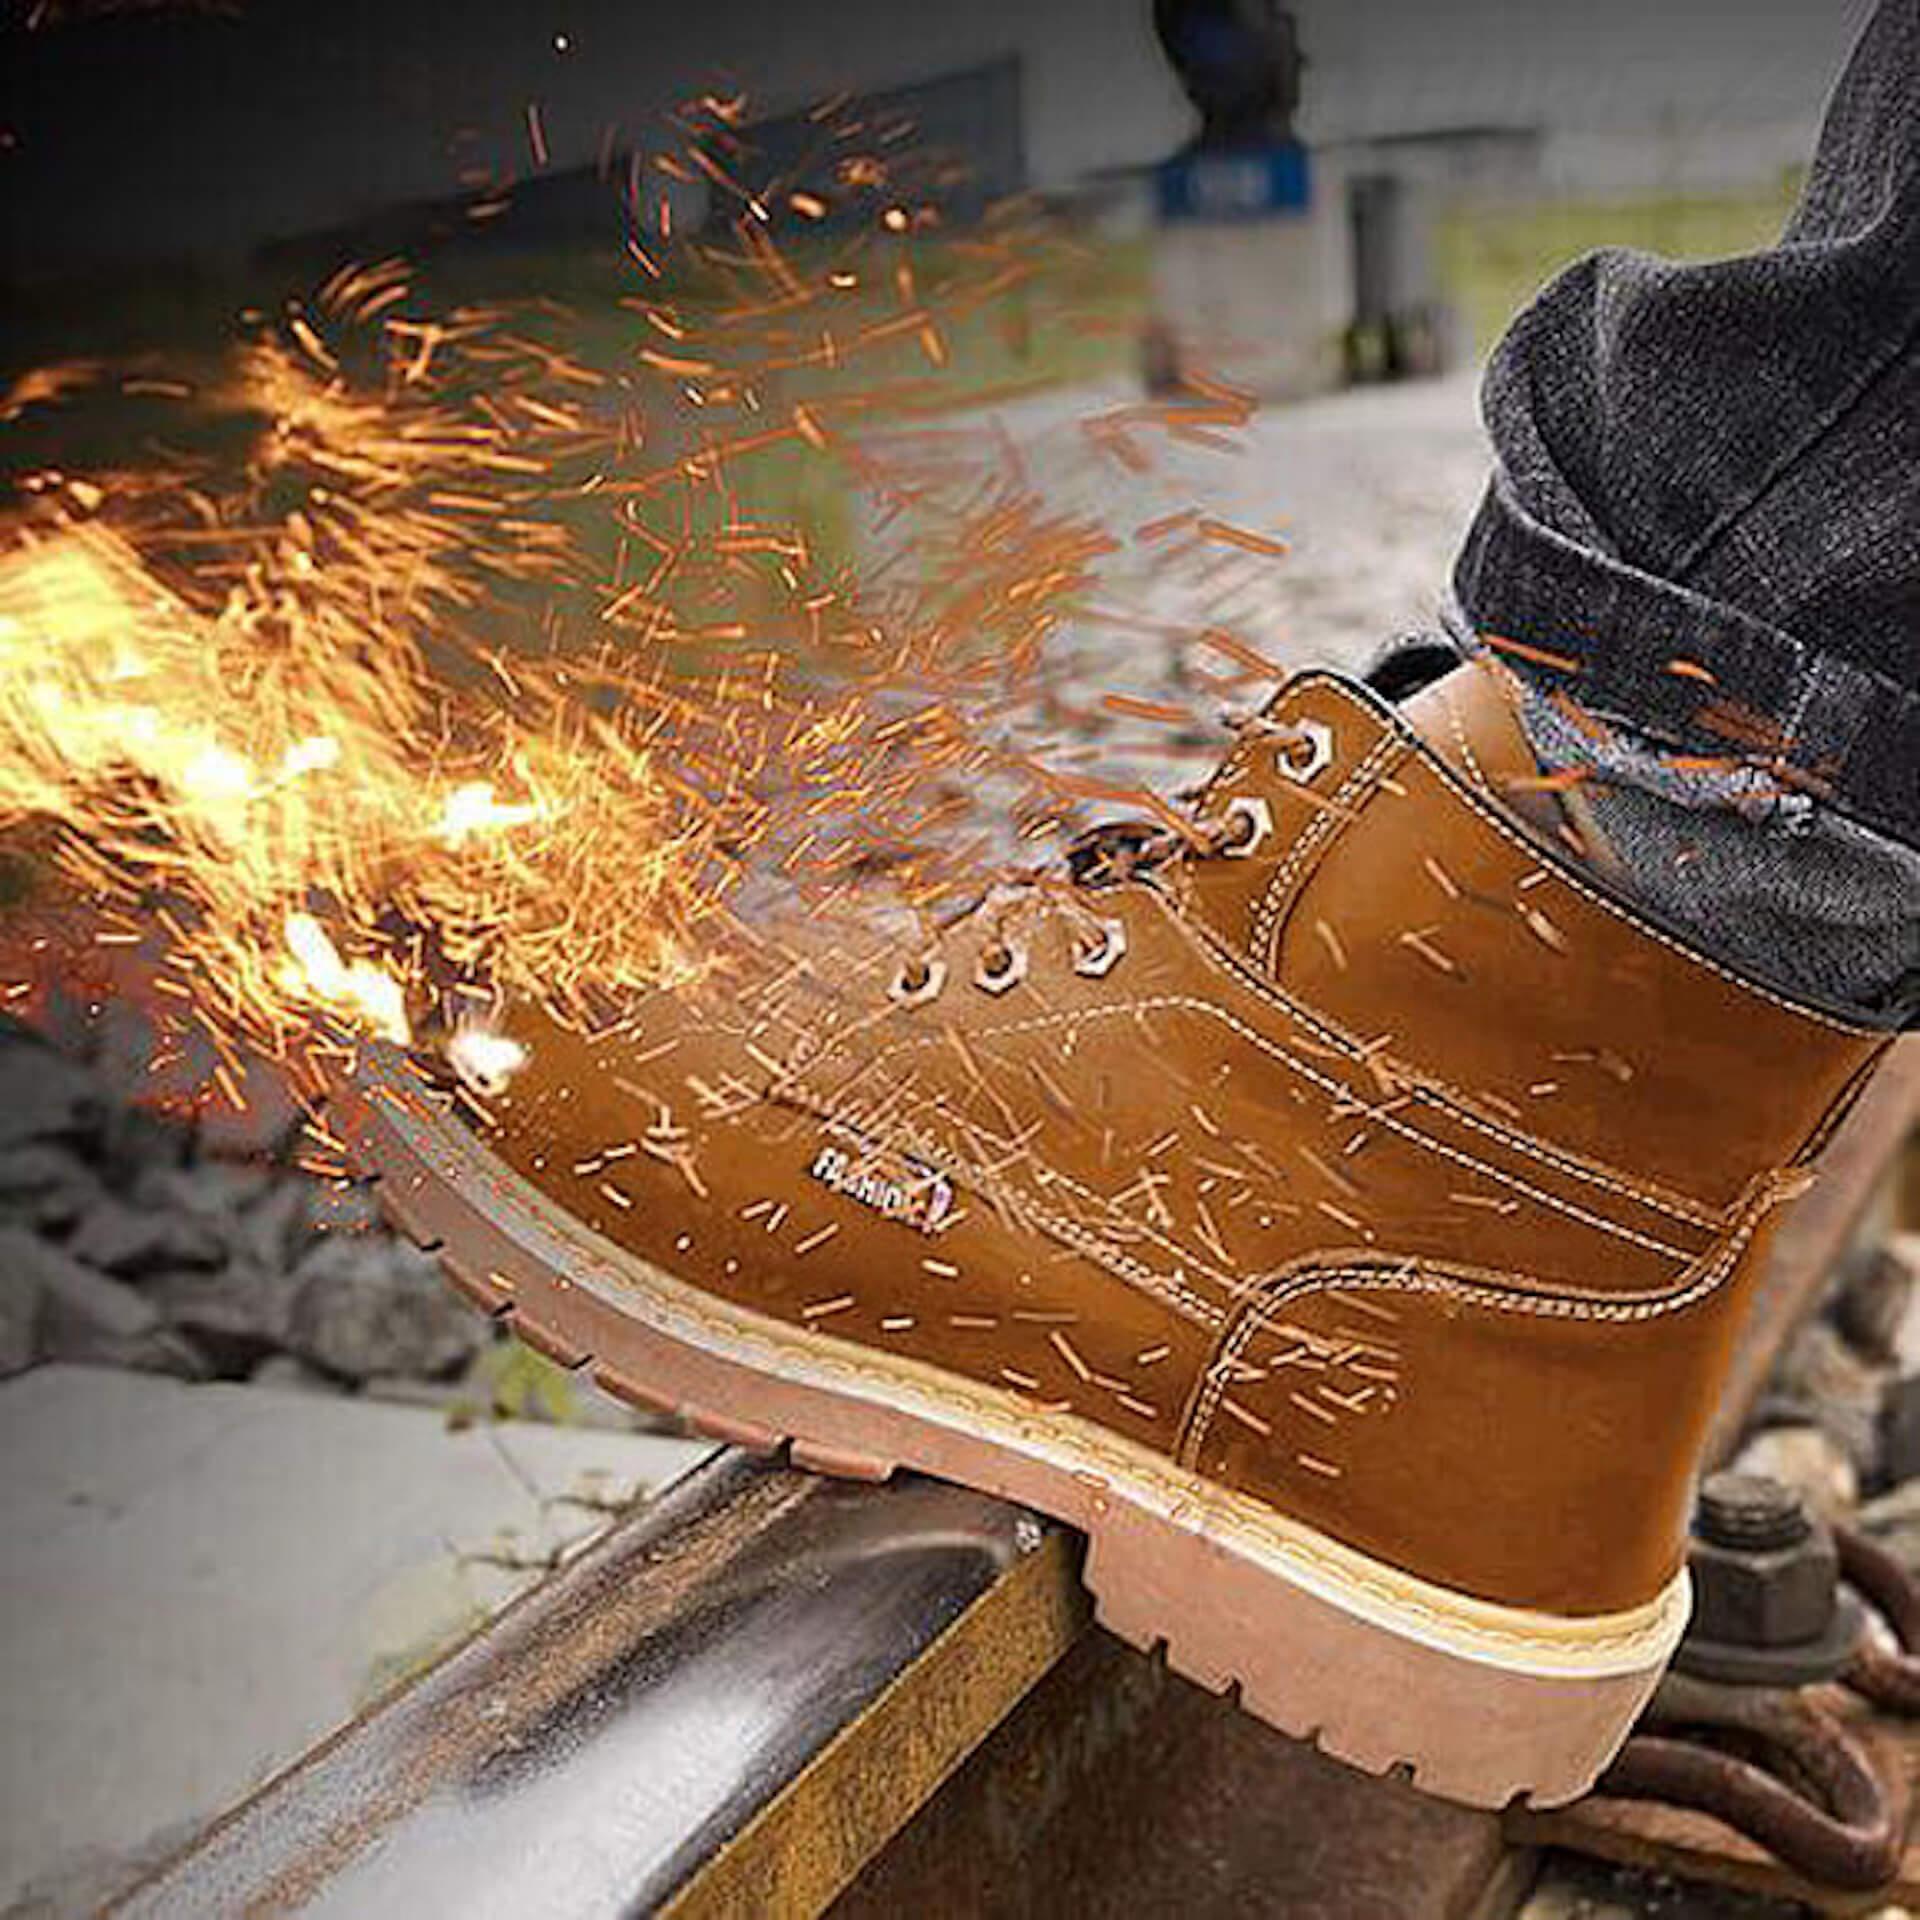 釘を踏んでも問題なし!究極のアウトドアブーツ「INDESTRUCTIBLE BOOTS」がクラウドファンディングで登場 life200117_boots_6